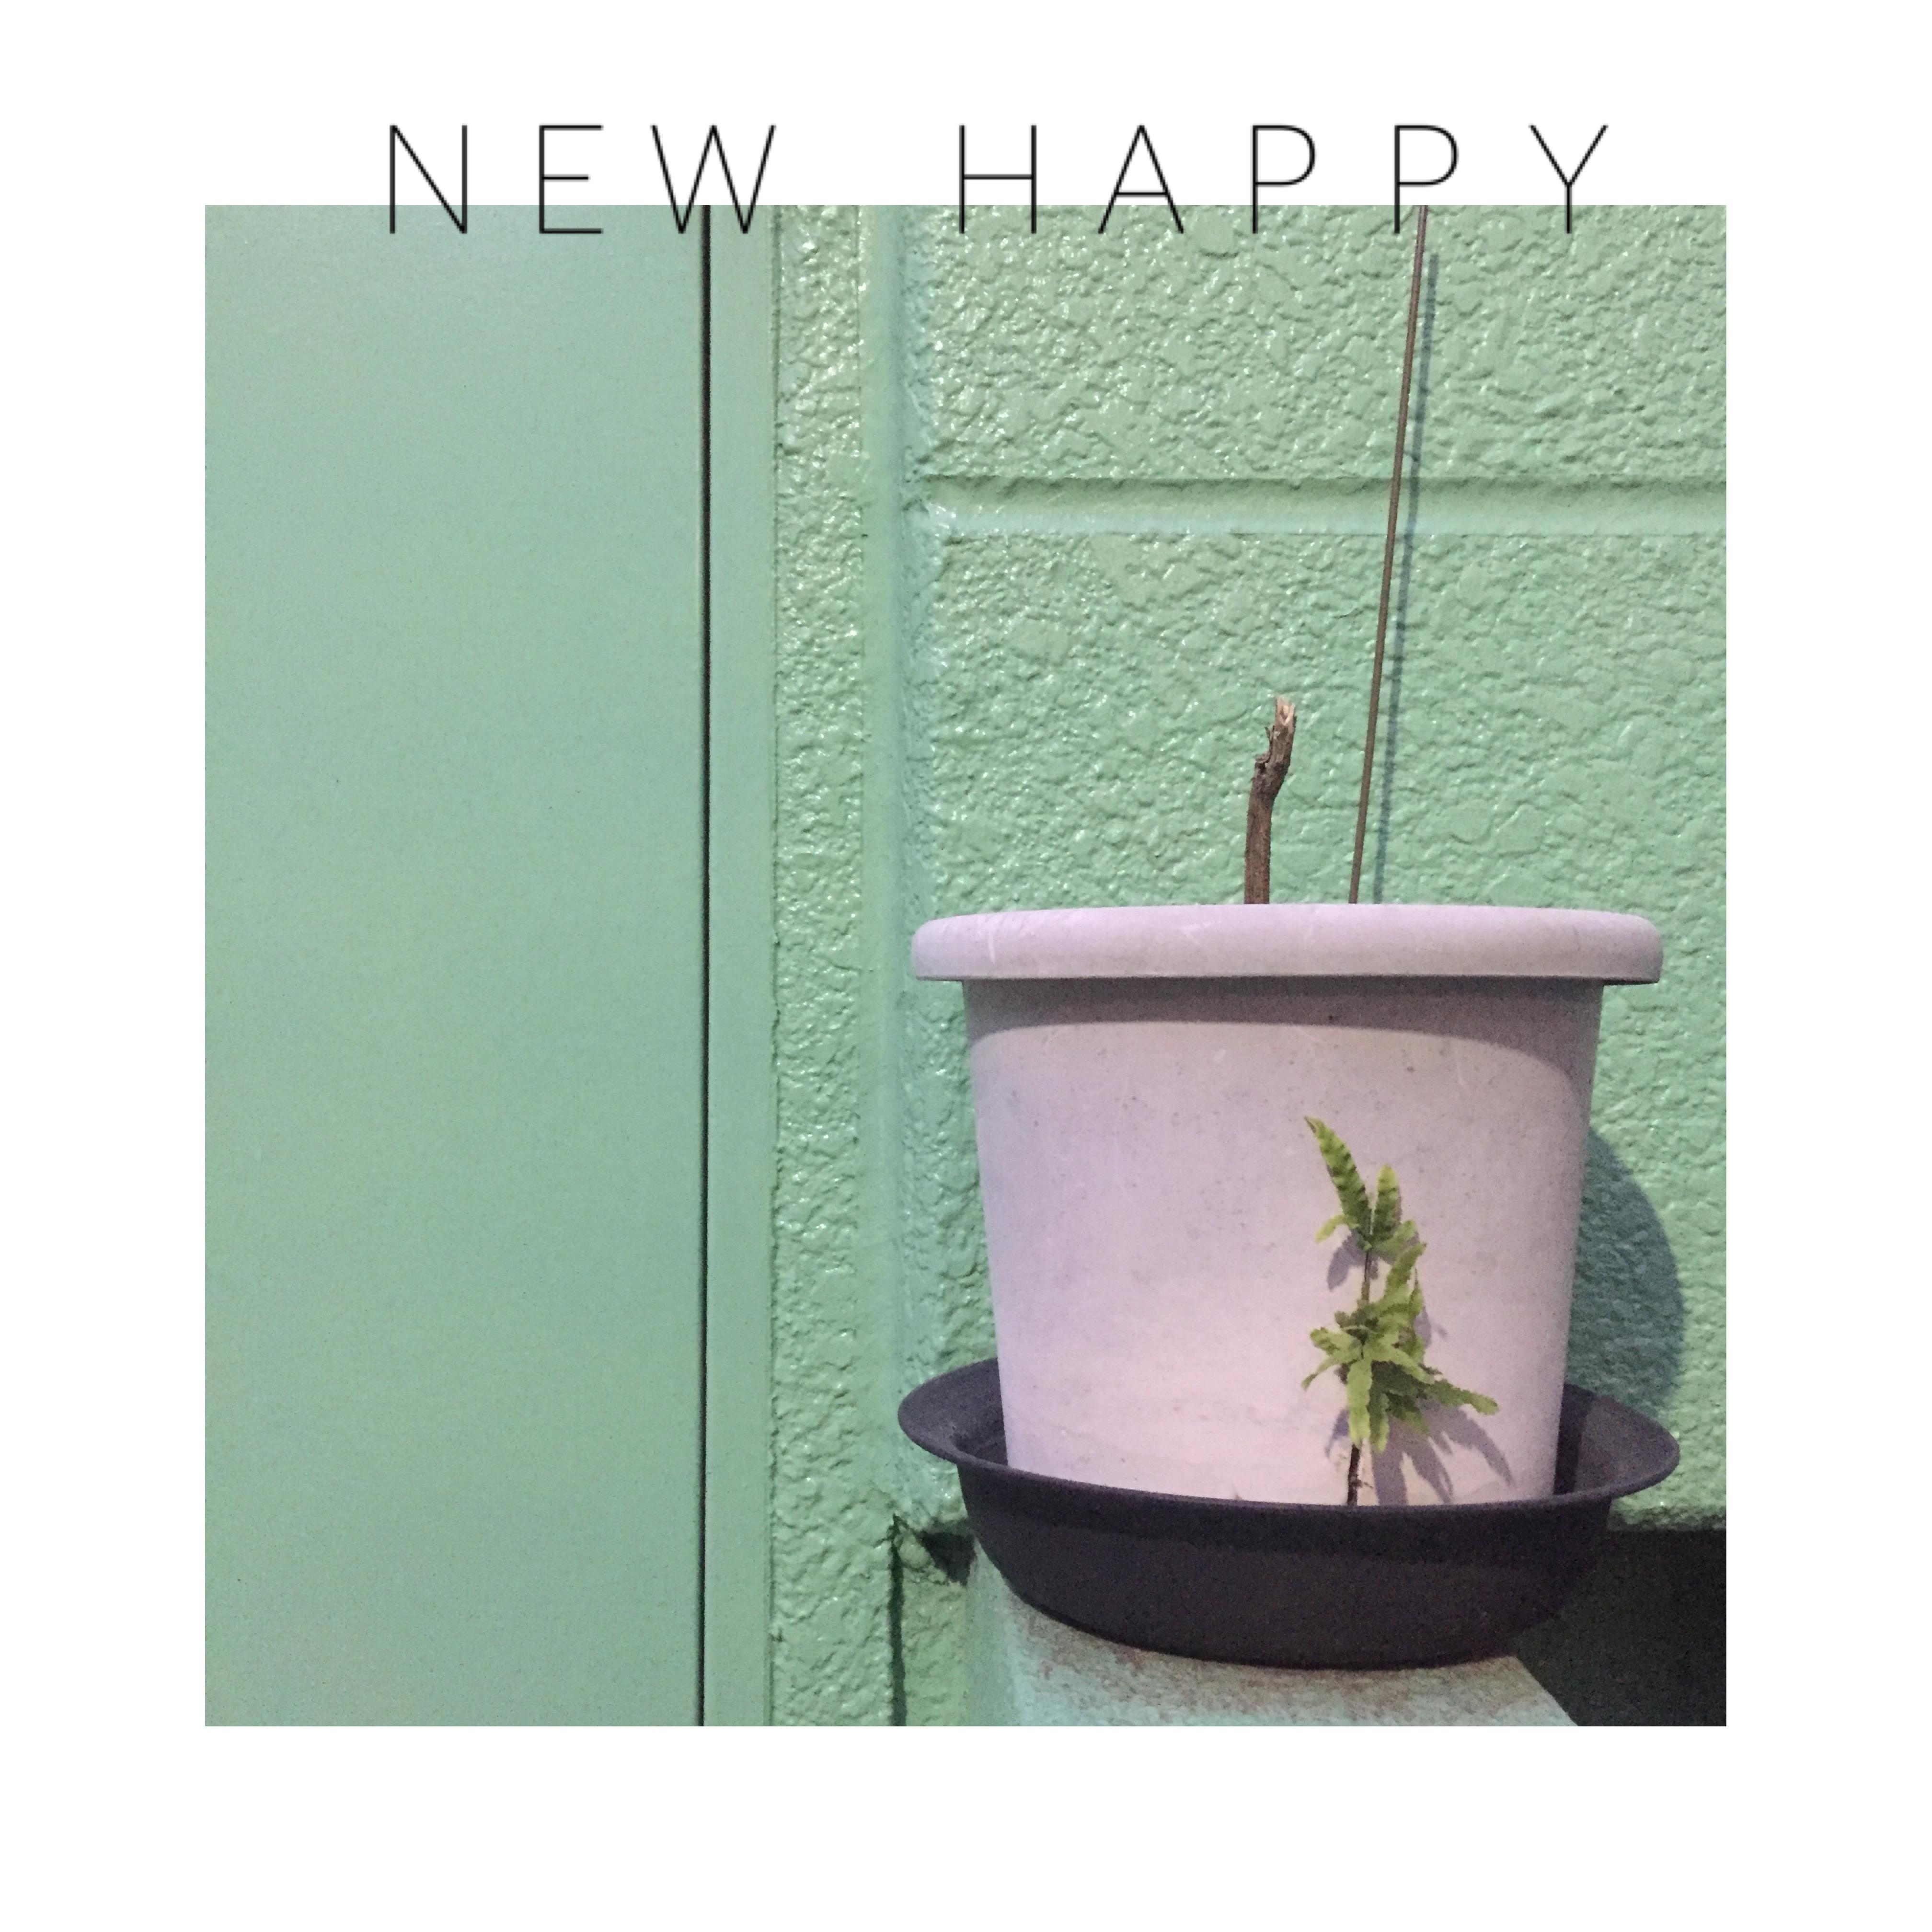 NEW HAPPY